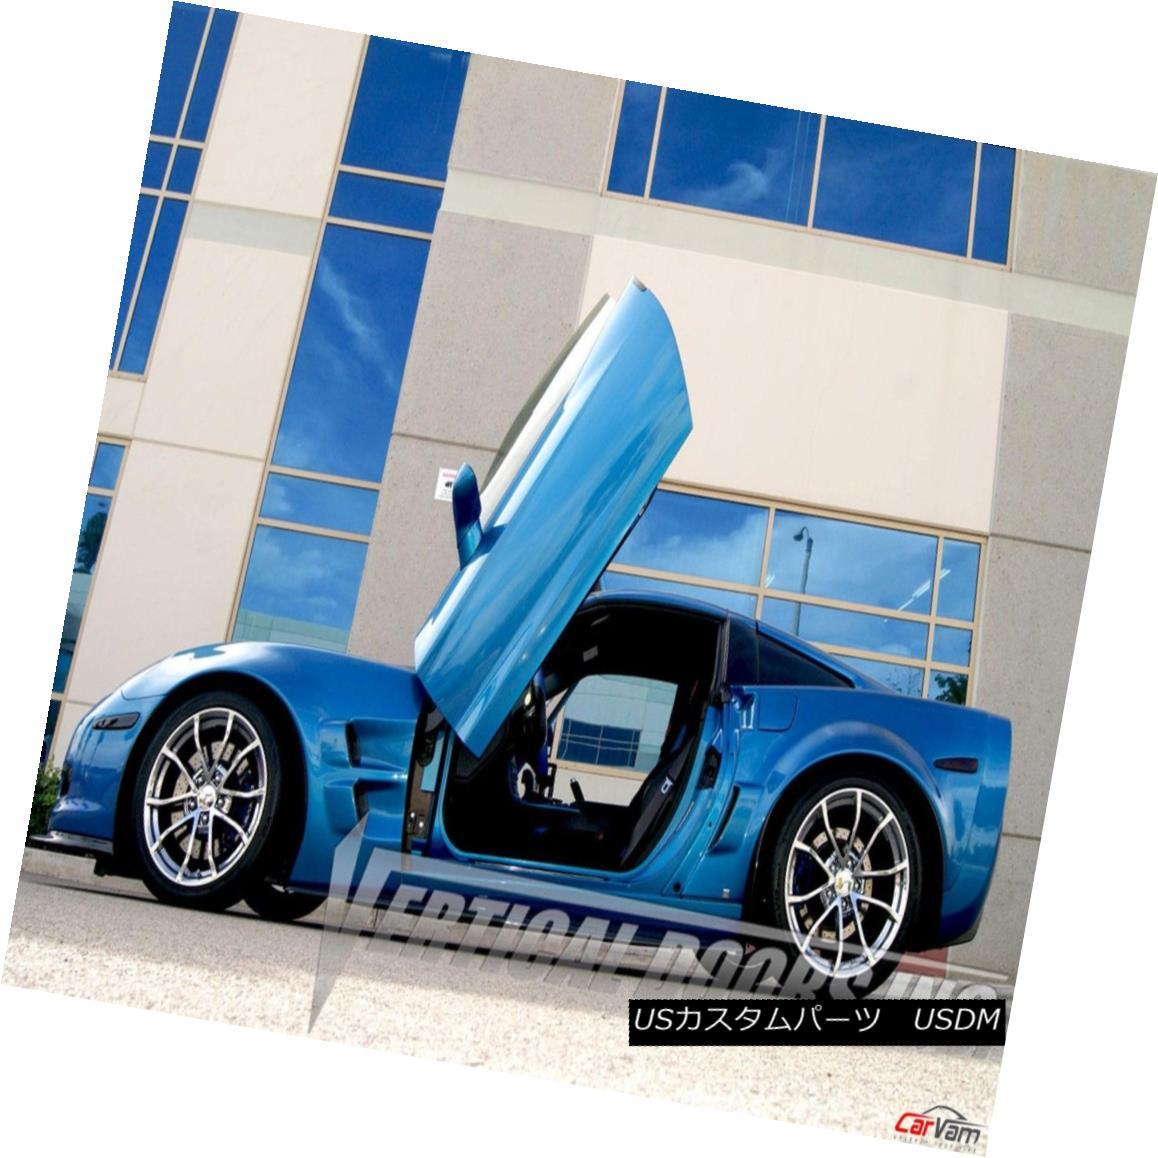 ガルウィングキット Vertical Doors - Vertical Lambo Door Kit For Chevrolet Corvette C-6 2005-13 垂直ドア - シボレーコルベットC-6 2005-13のための垂直なランボルギーニドアキット